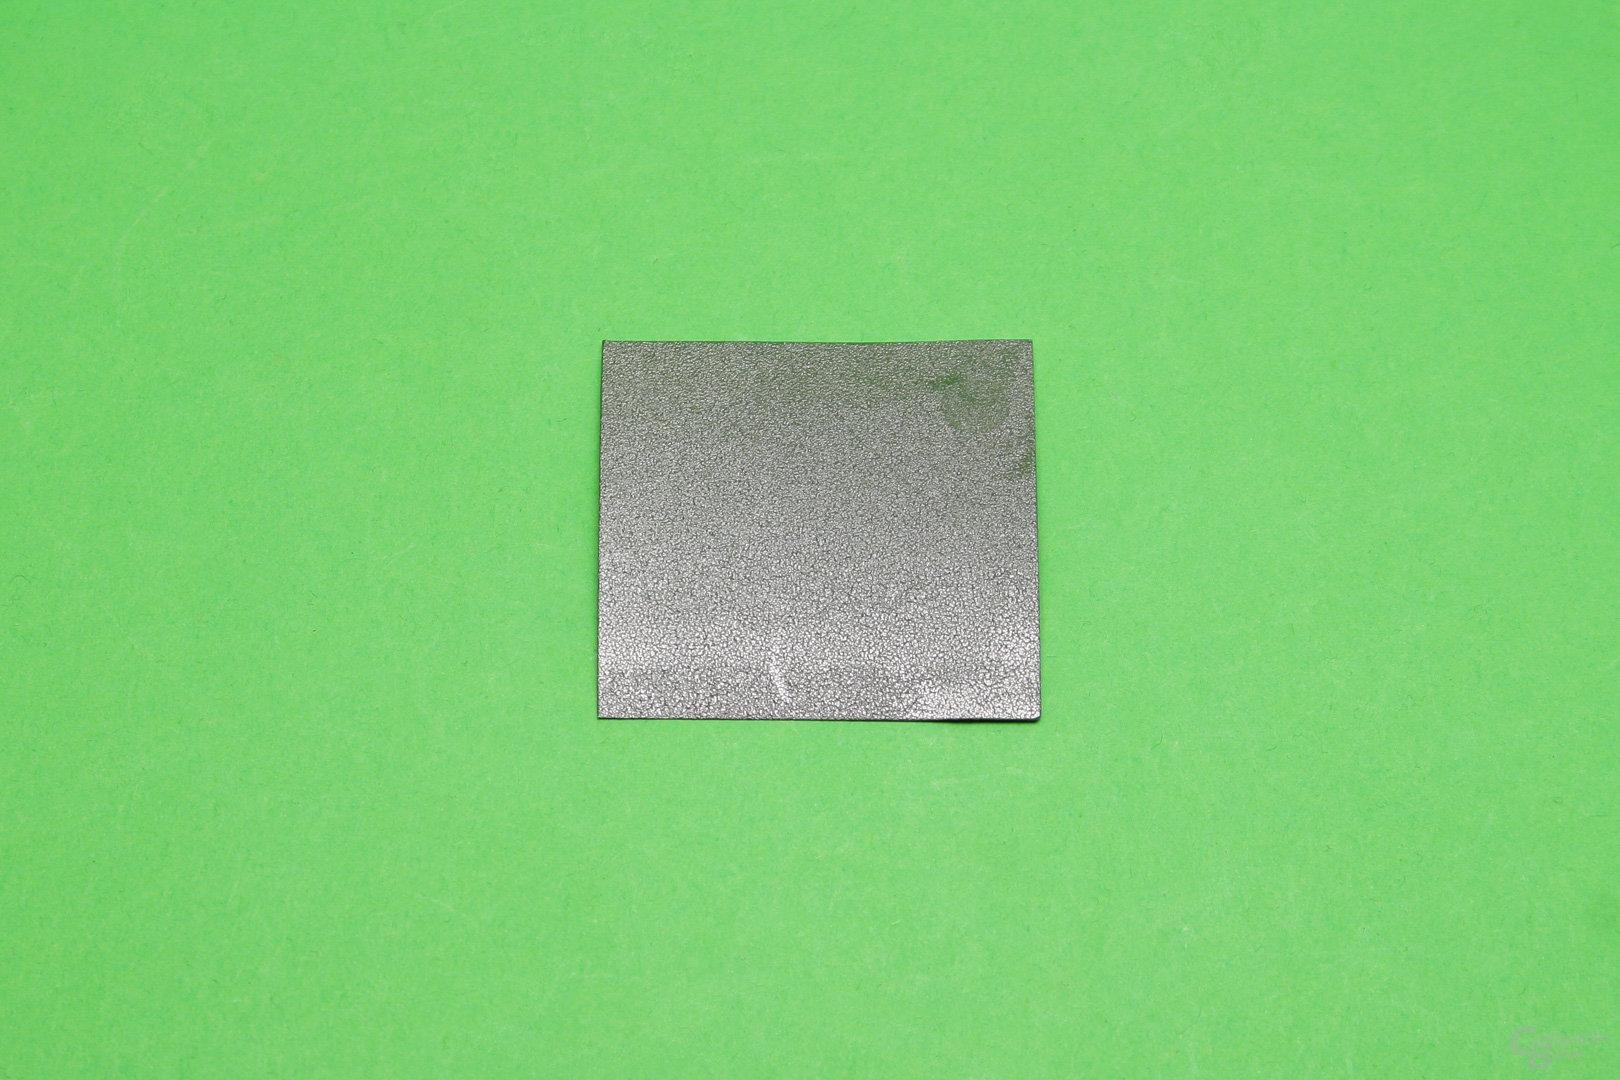 IC Cooling Graphite Pad: Graphitpad als Ersatz für Wärmeleitpaste